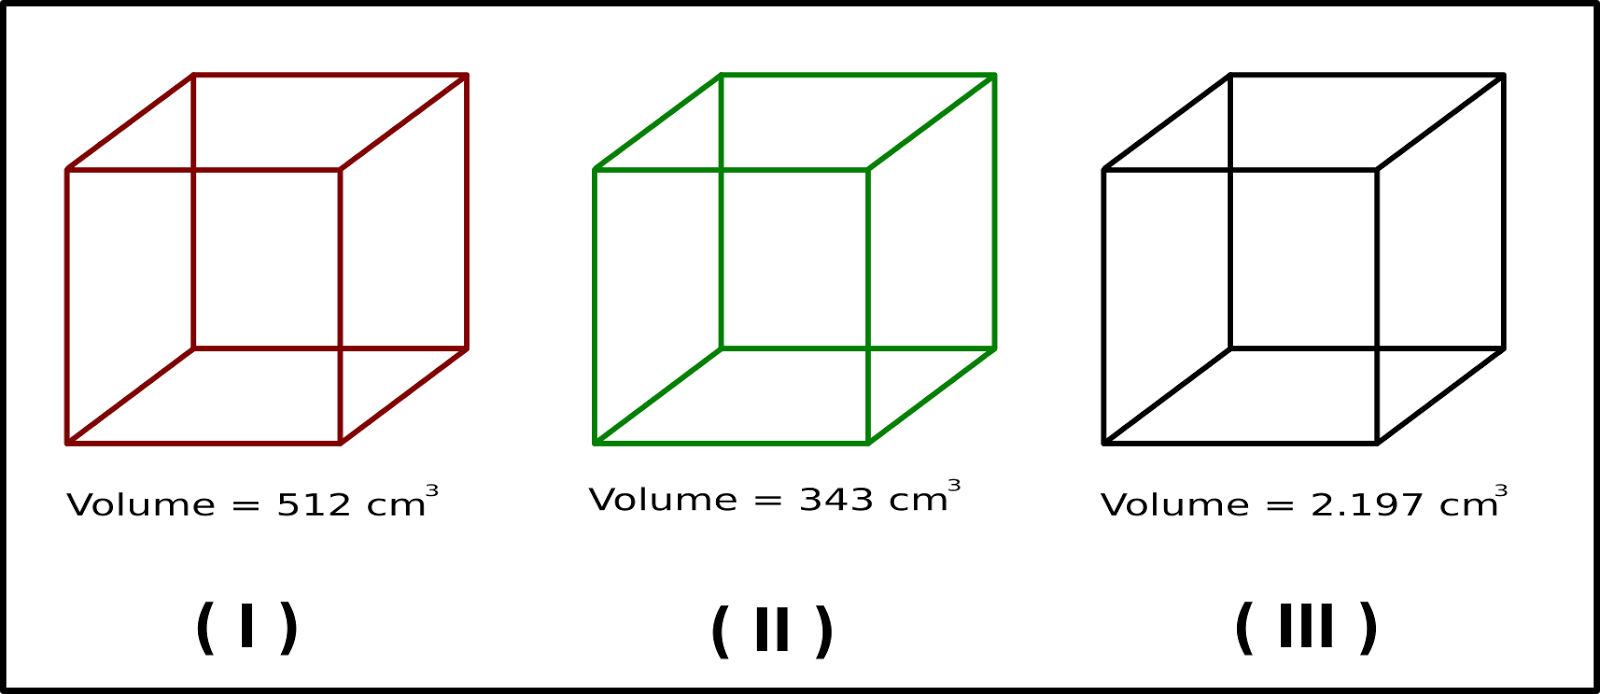 Rumus Soal Matematika Kelas 5 Sd Soal Matematika Sd Kelas 1 Tentang Bangun Datar Soal Matematika